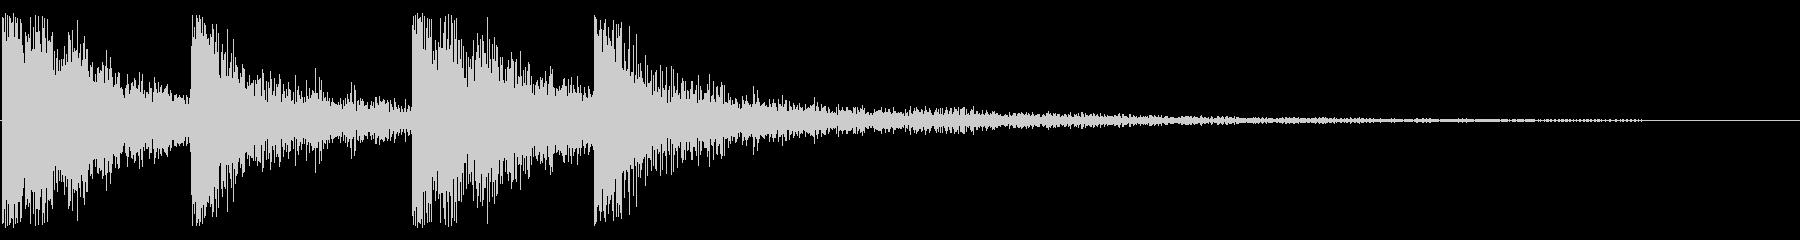 ピンポン 正解 トイピアノの未再生の波形